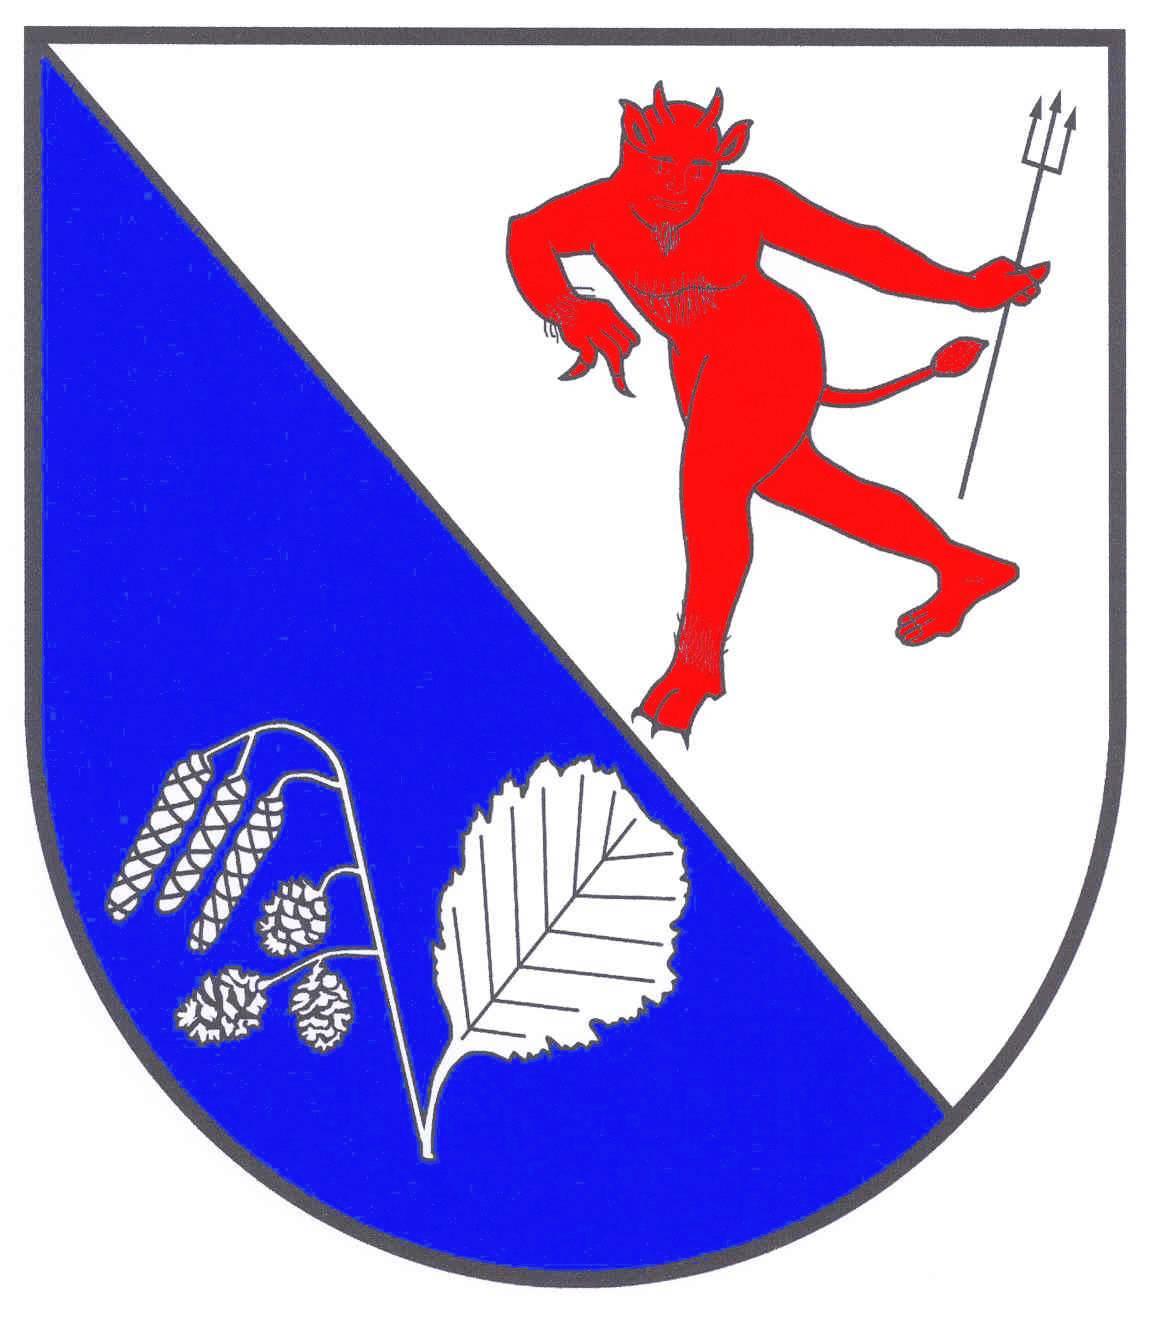 Wappen GemeindeTalkau, Kreis Herzogtum Lauenburg